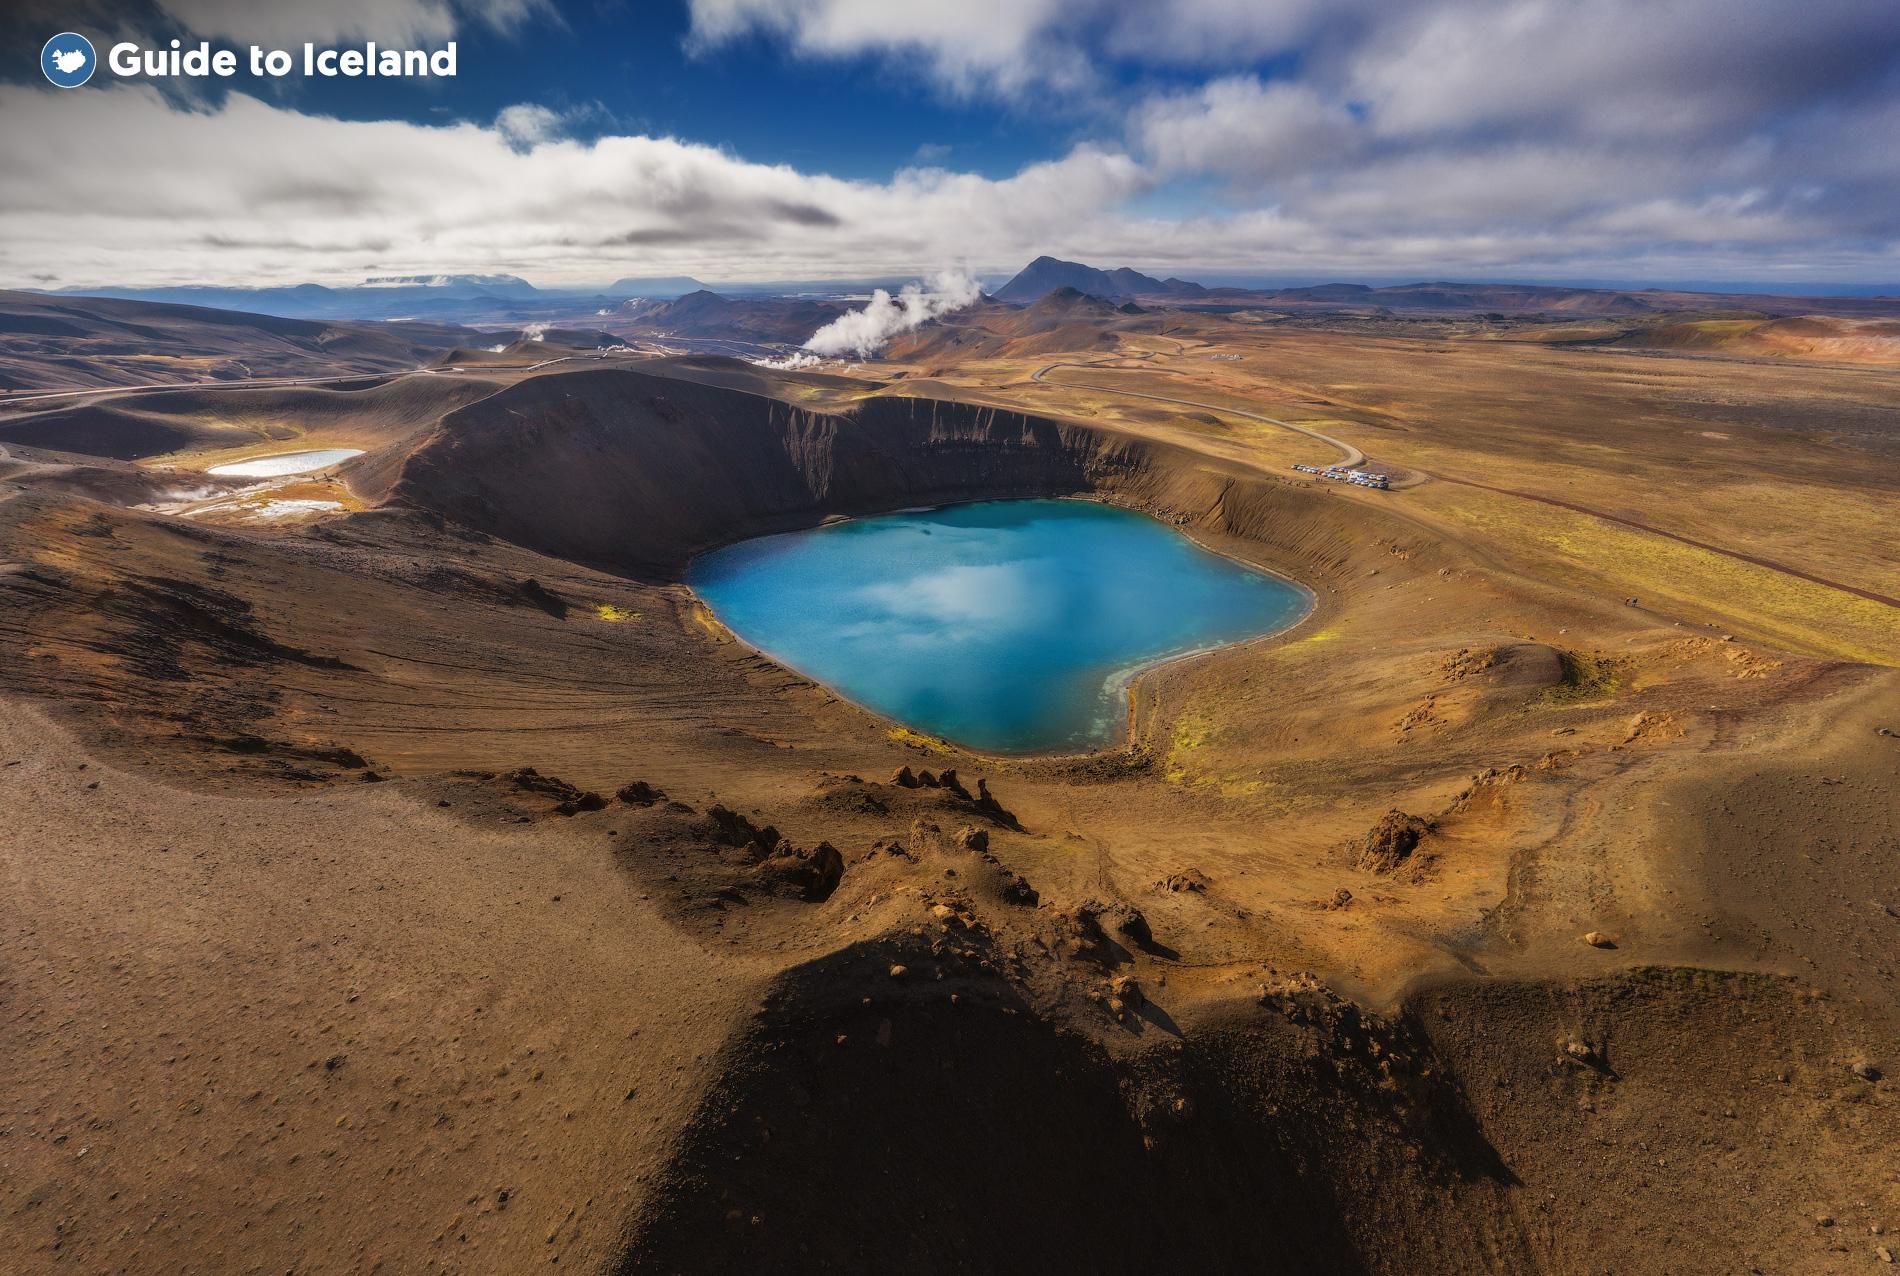 9 dni, samodzielna podróż | Dookoła Islandii zgodnie z ruchem wskazówek zegara - day 4